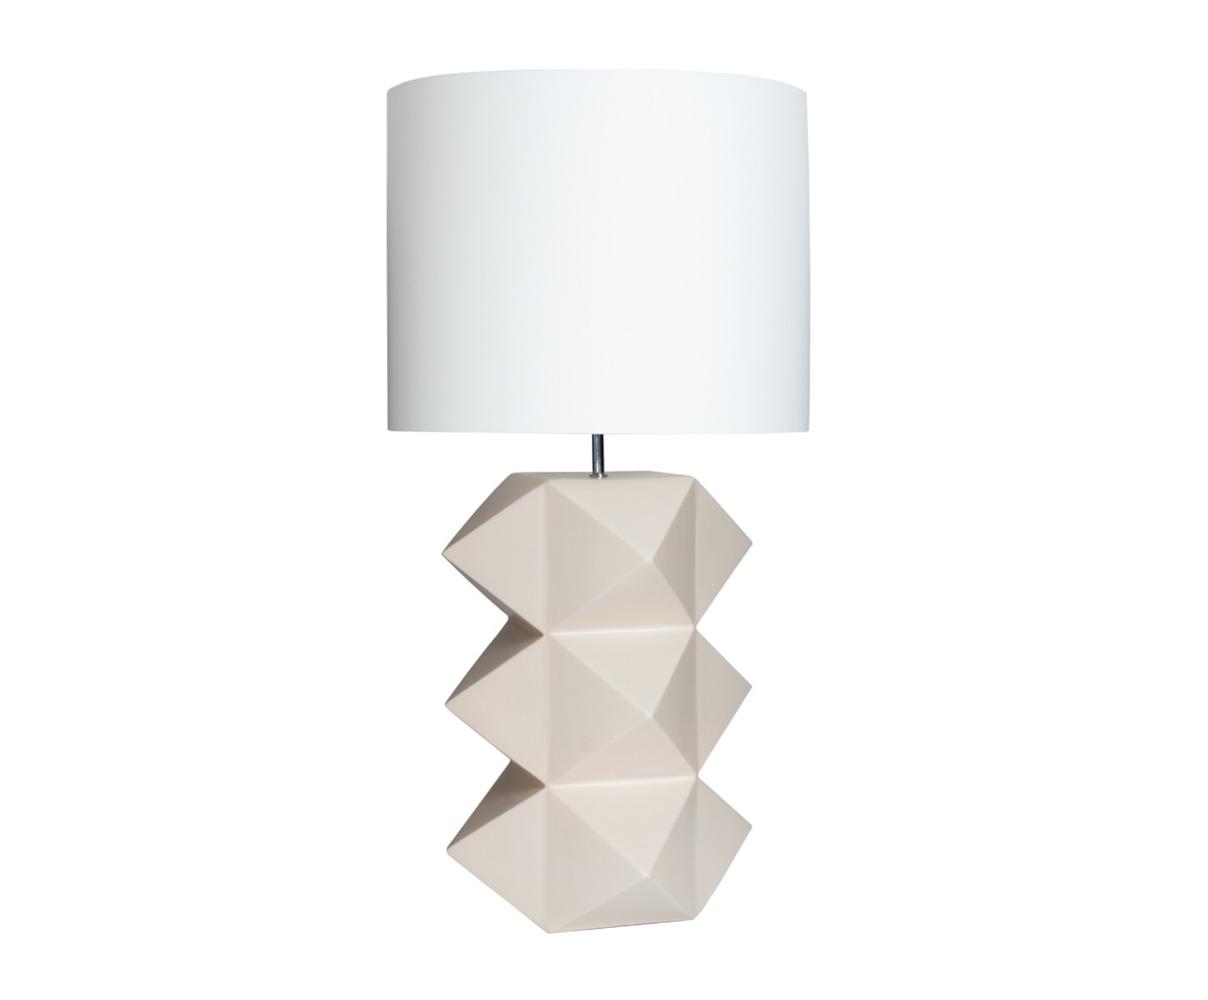 Купить Настольная лампа из керамики бежевого цвета, inmyroom, Португалия